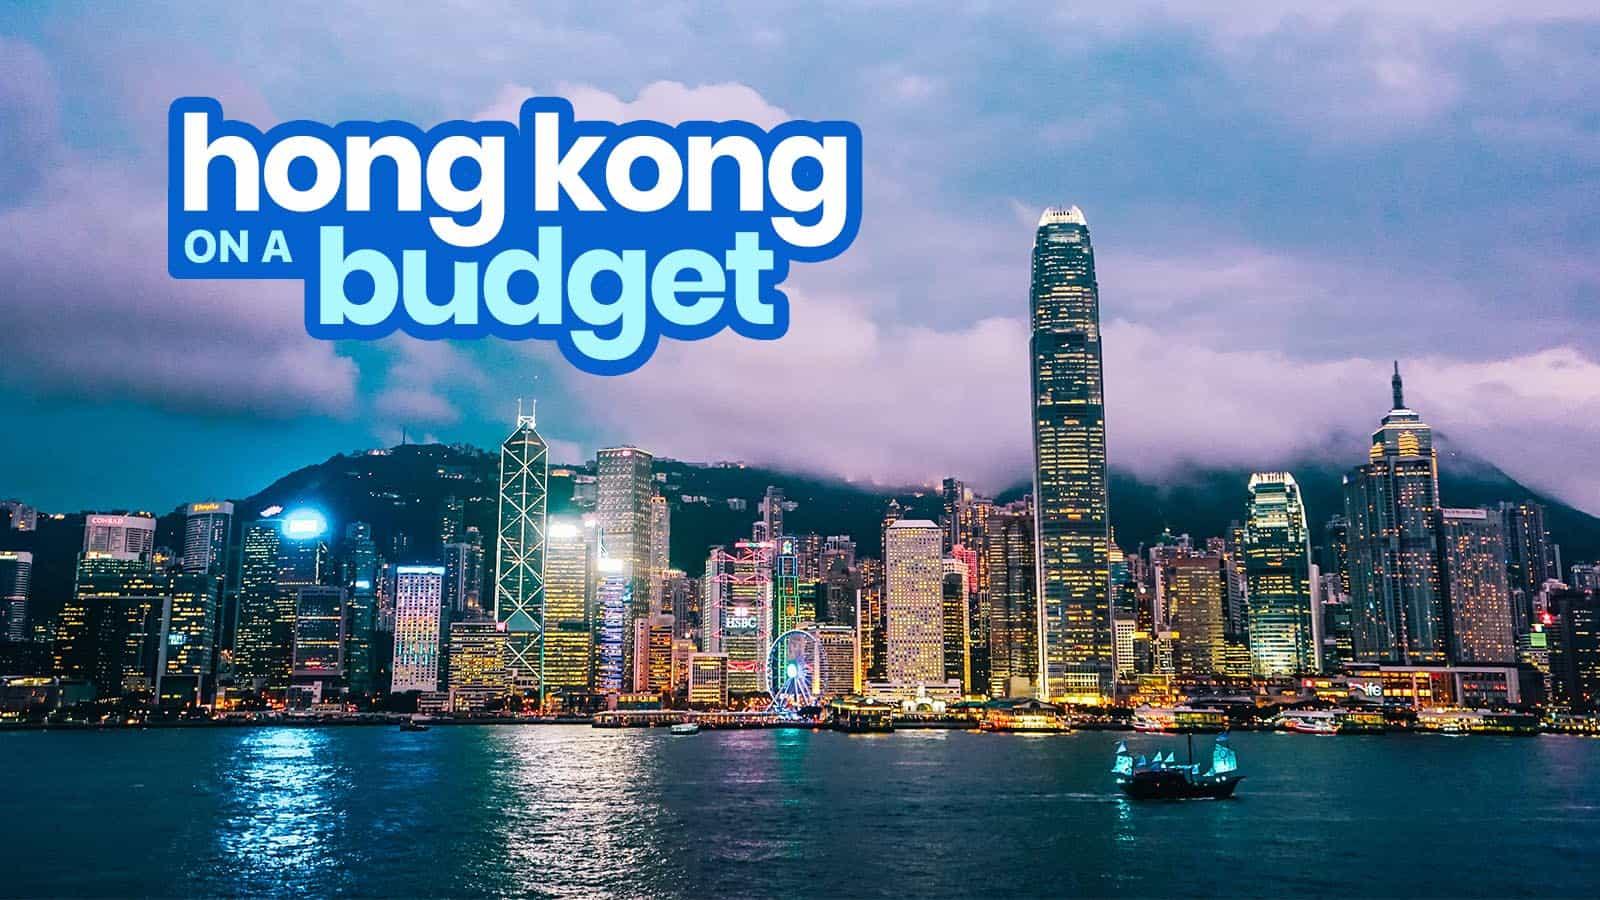 香港旅游指南与预算行程 穷游者行程博客